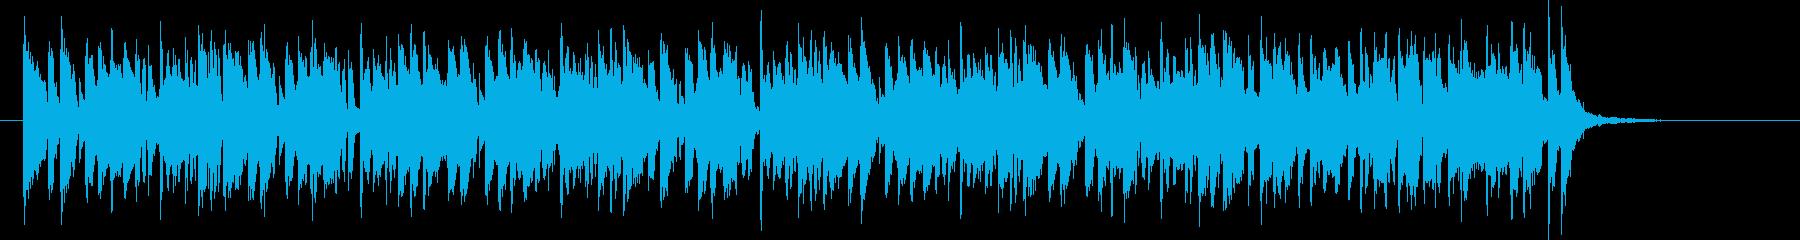 ホーンシンセの軽やかポップスの再生済みの波形